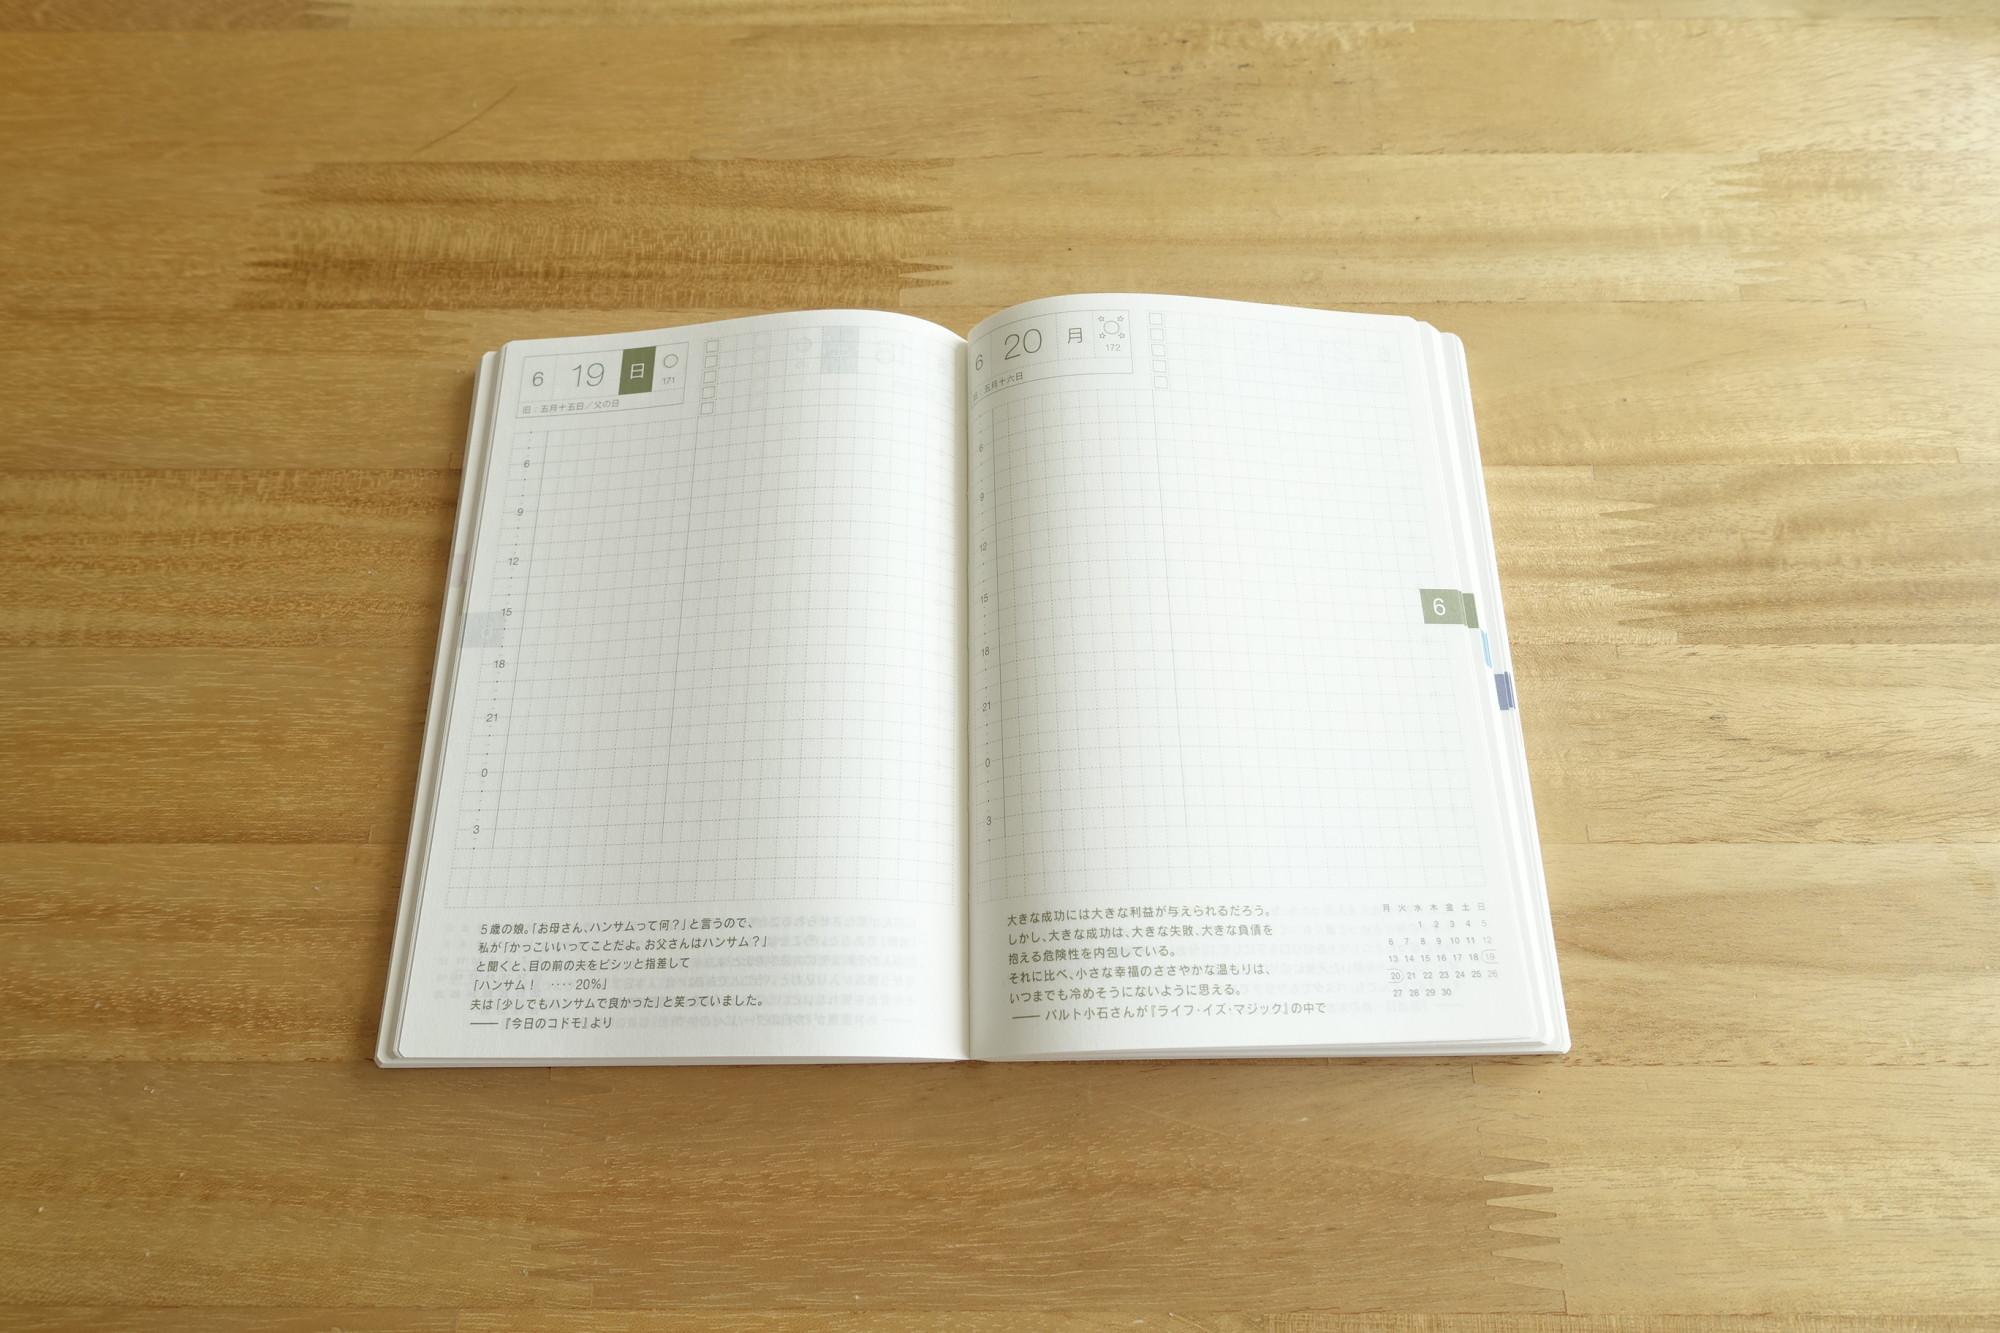 マネしたくなる!ほぼ日手帳の1日1ページフリースペースの活用術のサムネイル画像